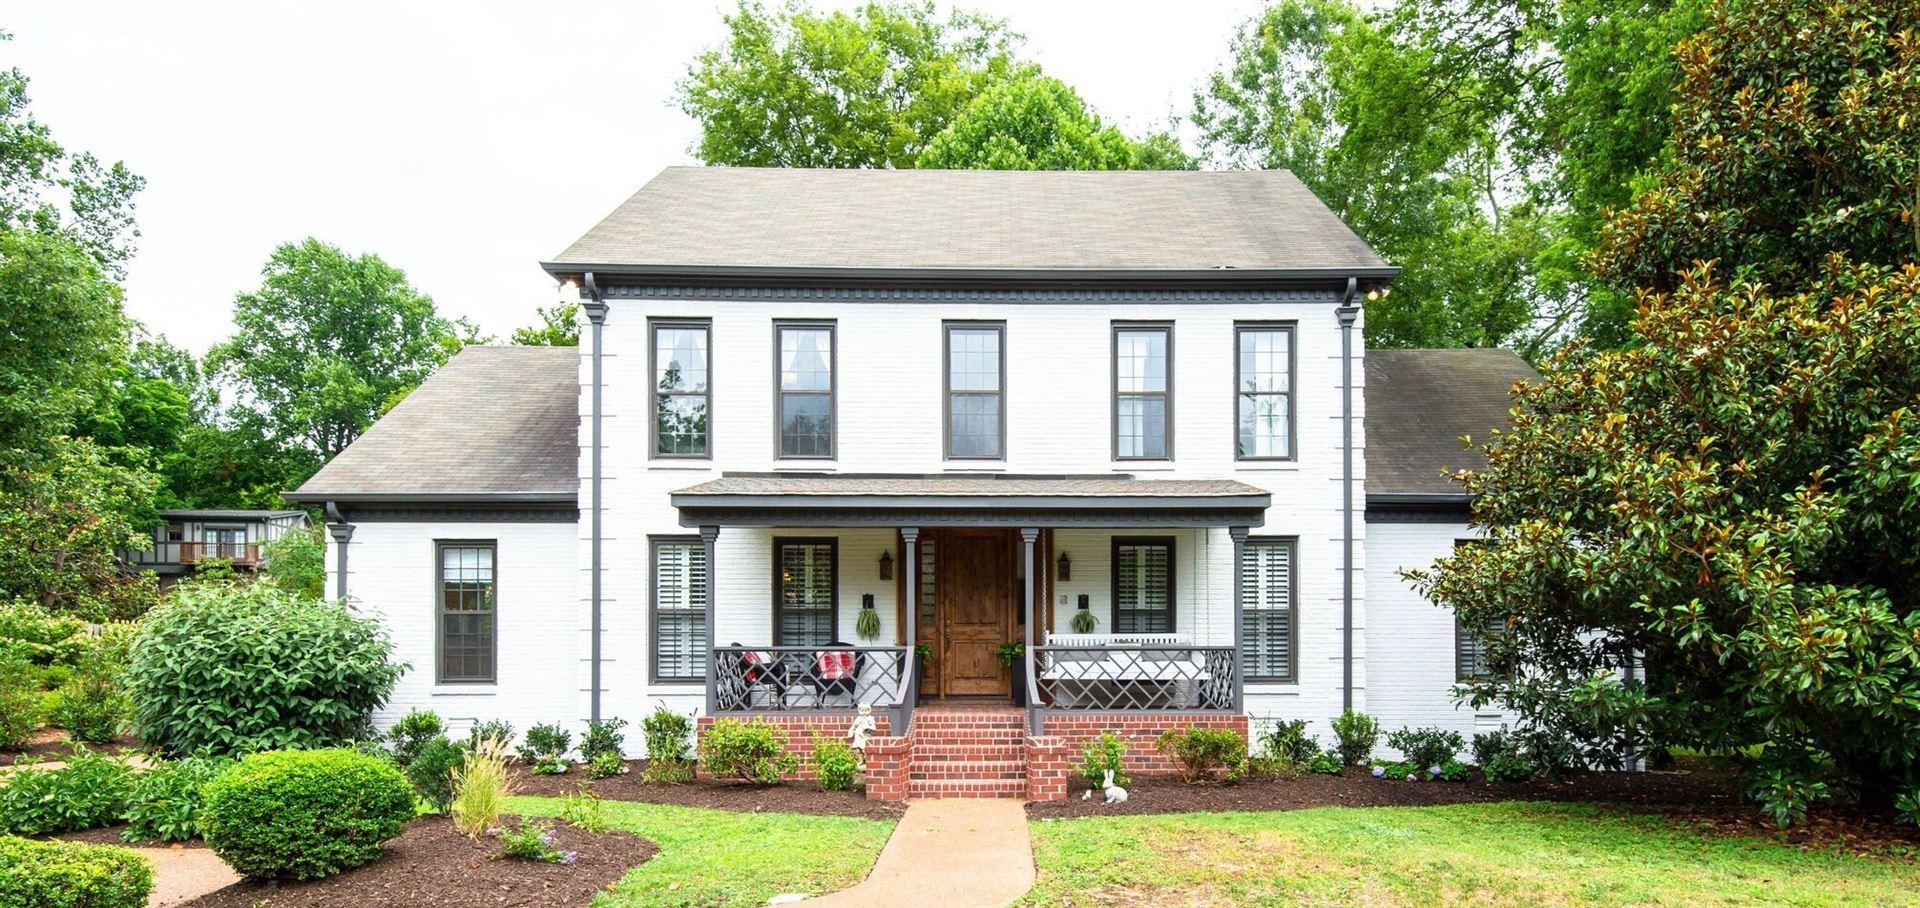 3704 Sycamore Ln, Nashville, TN 37215 - MLS#: 2163087